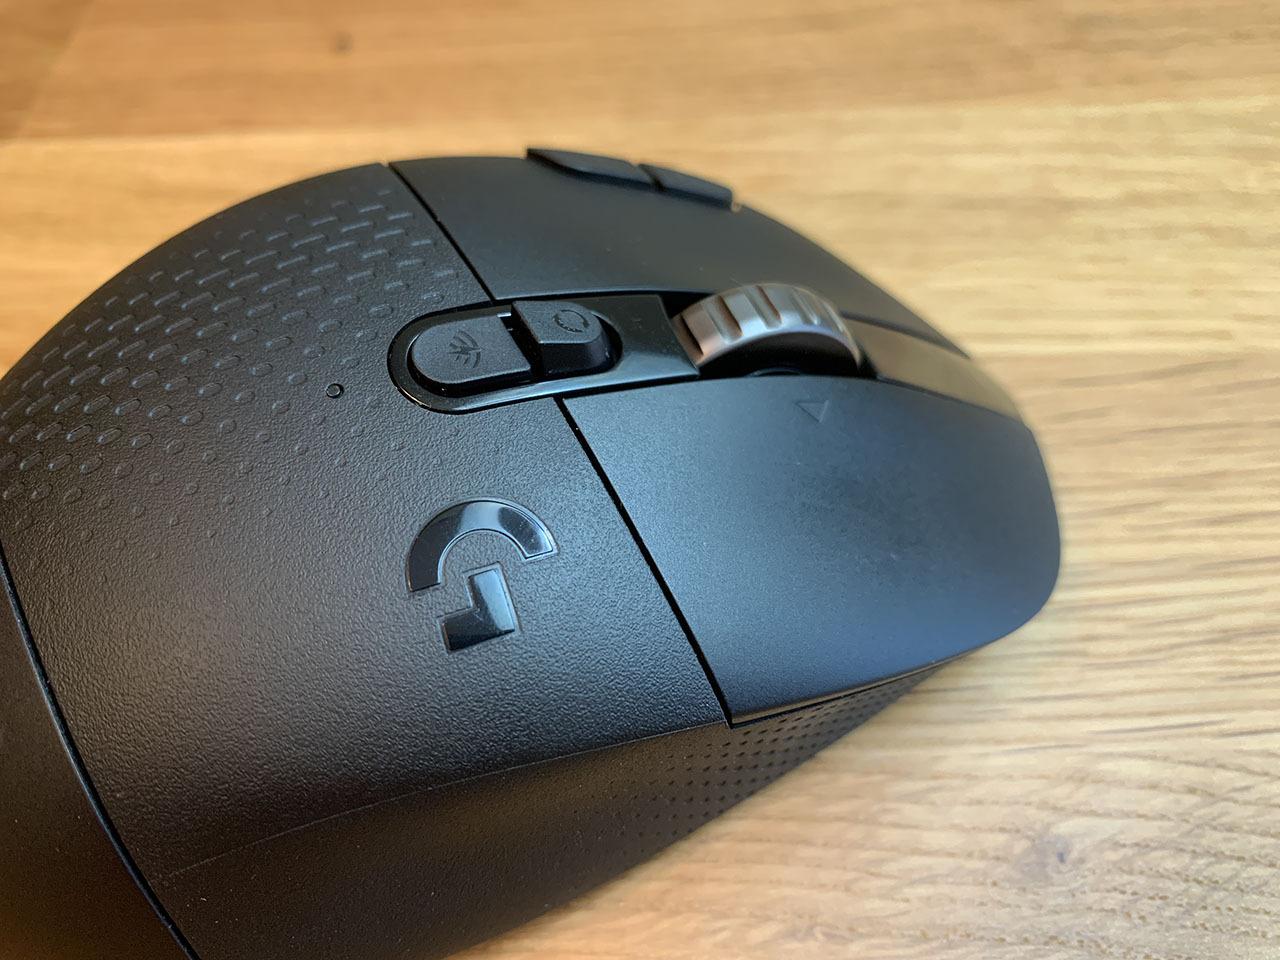 Колесо беспроводной игровой мыши Logitech G604 Lightspeed